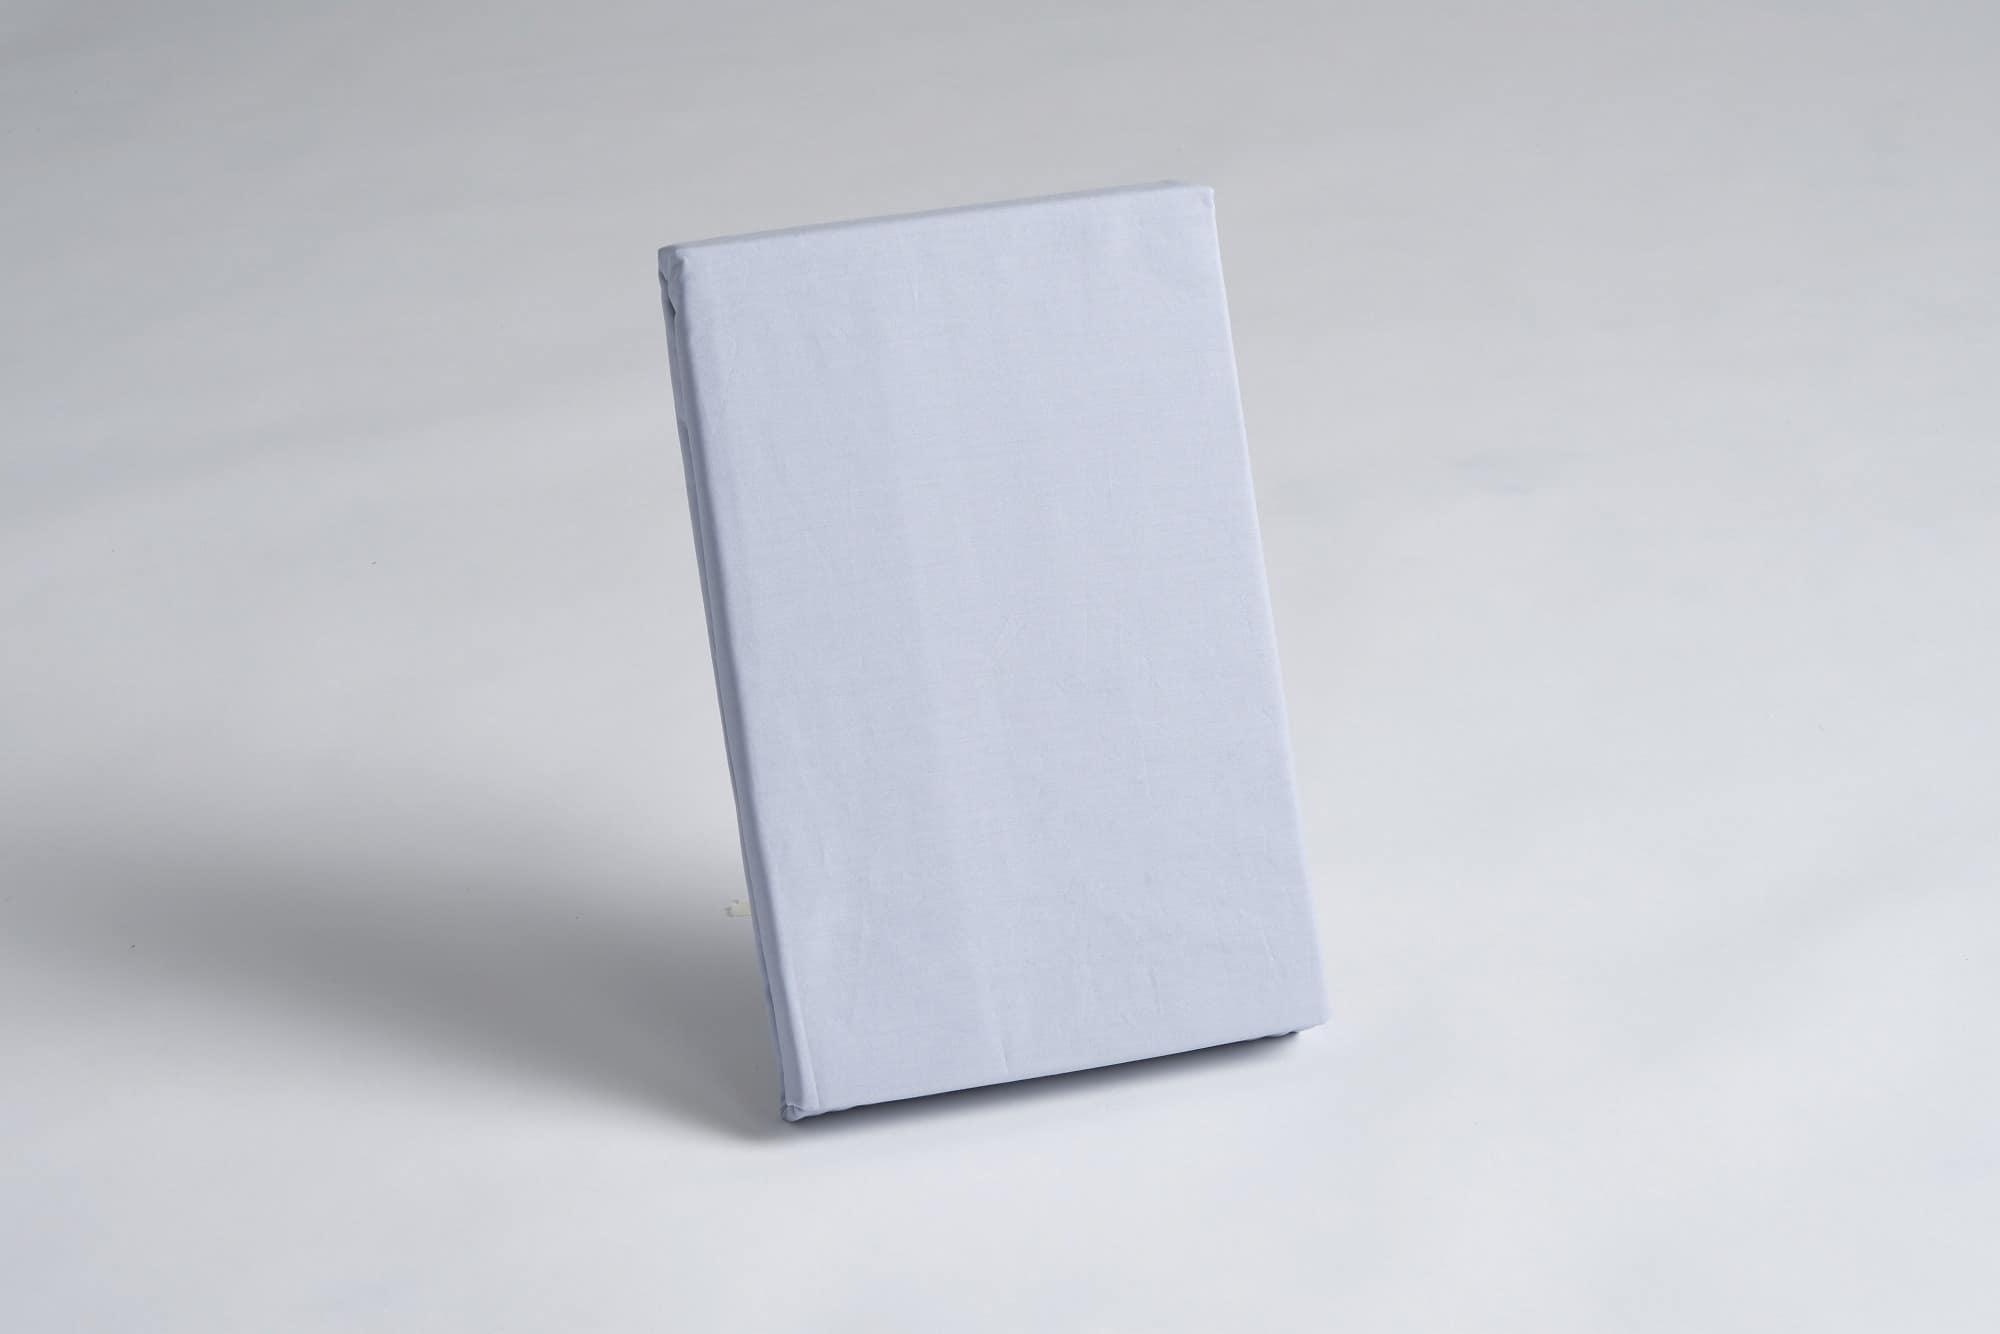 ボックスシーツ シングル用 45H ブルー:《綿100%を使用したボックスシーツ》